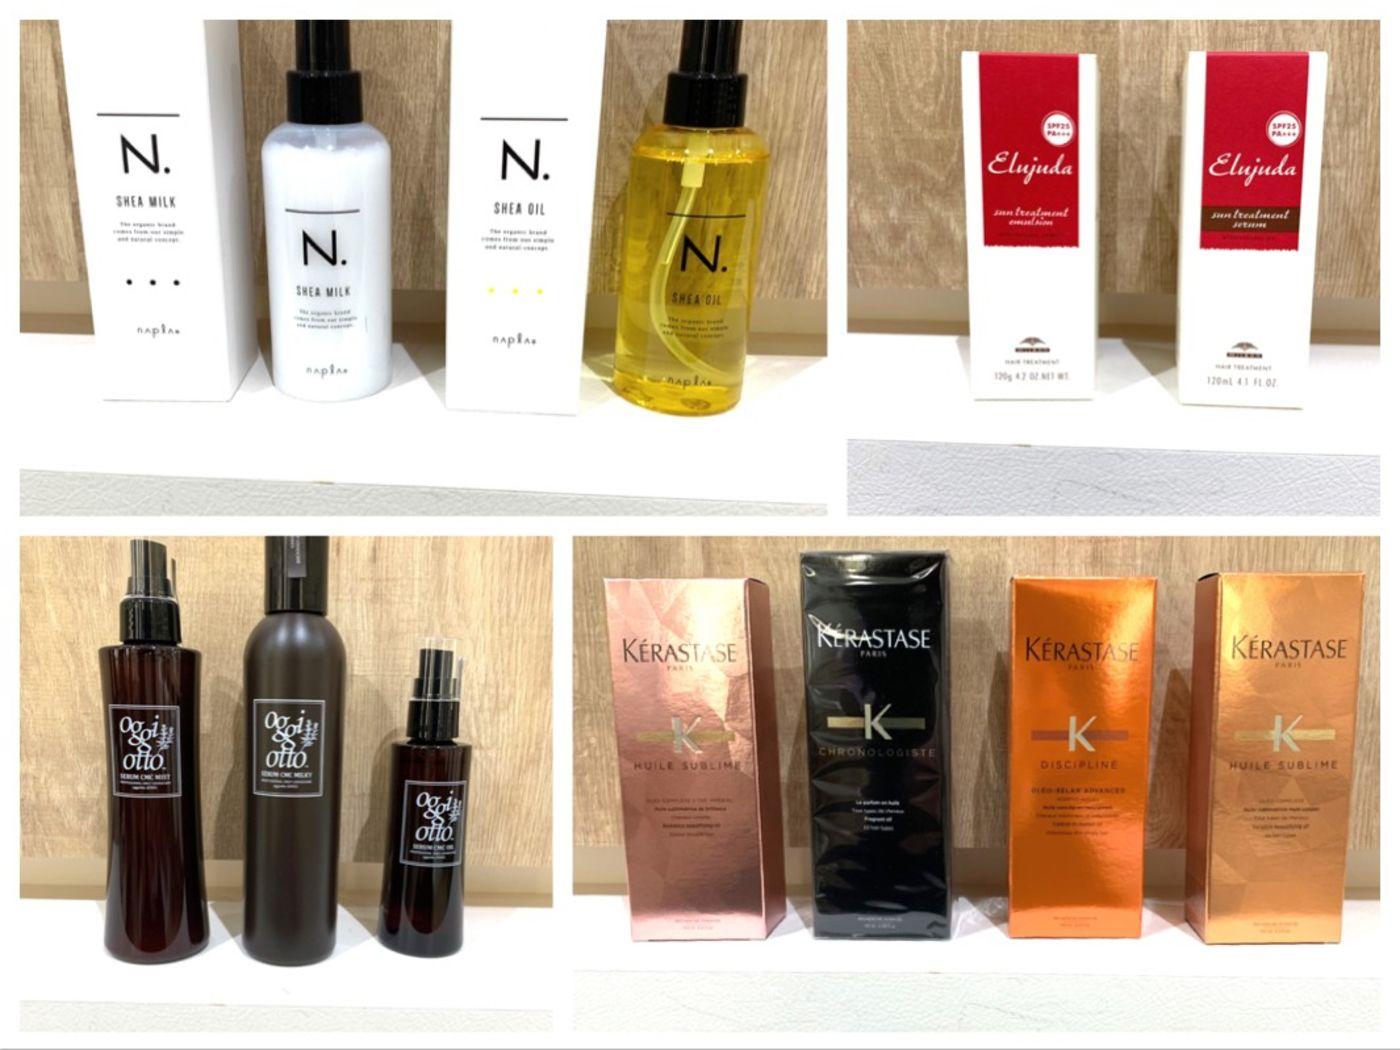 【乾燥の季節】お店にある洗い流さないトリートメントの各ブランドの特徴を紹介します!